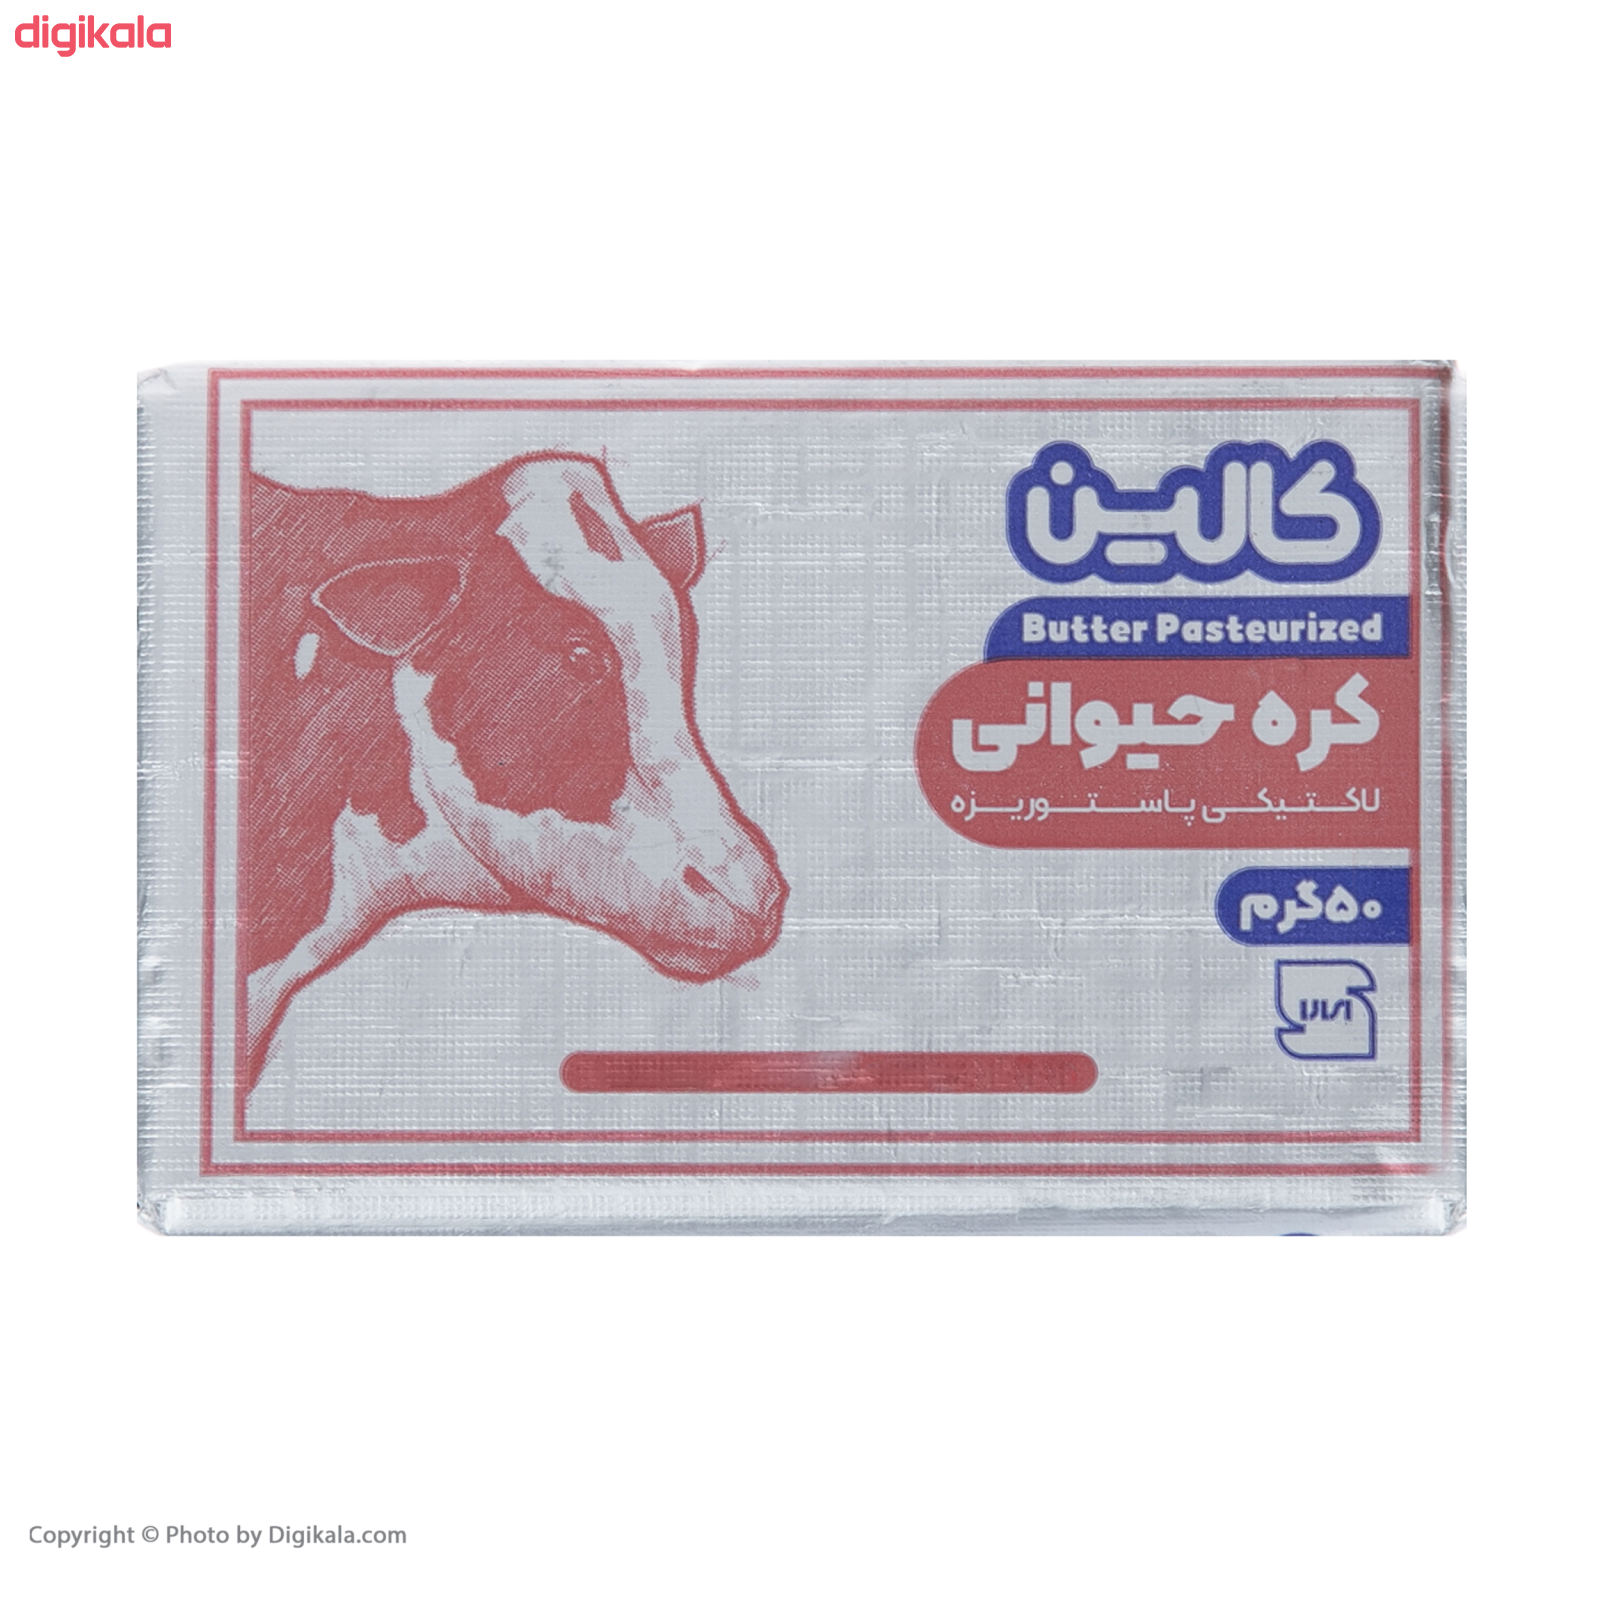 کره حیوانی پاستوریزه کالین مقدار 50 گرم main 1 2